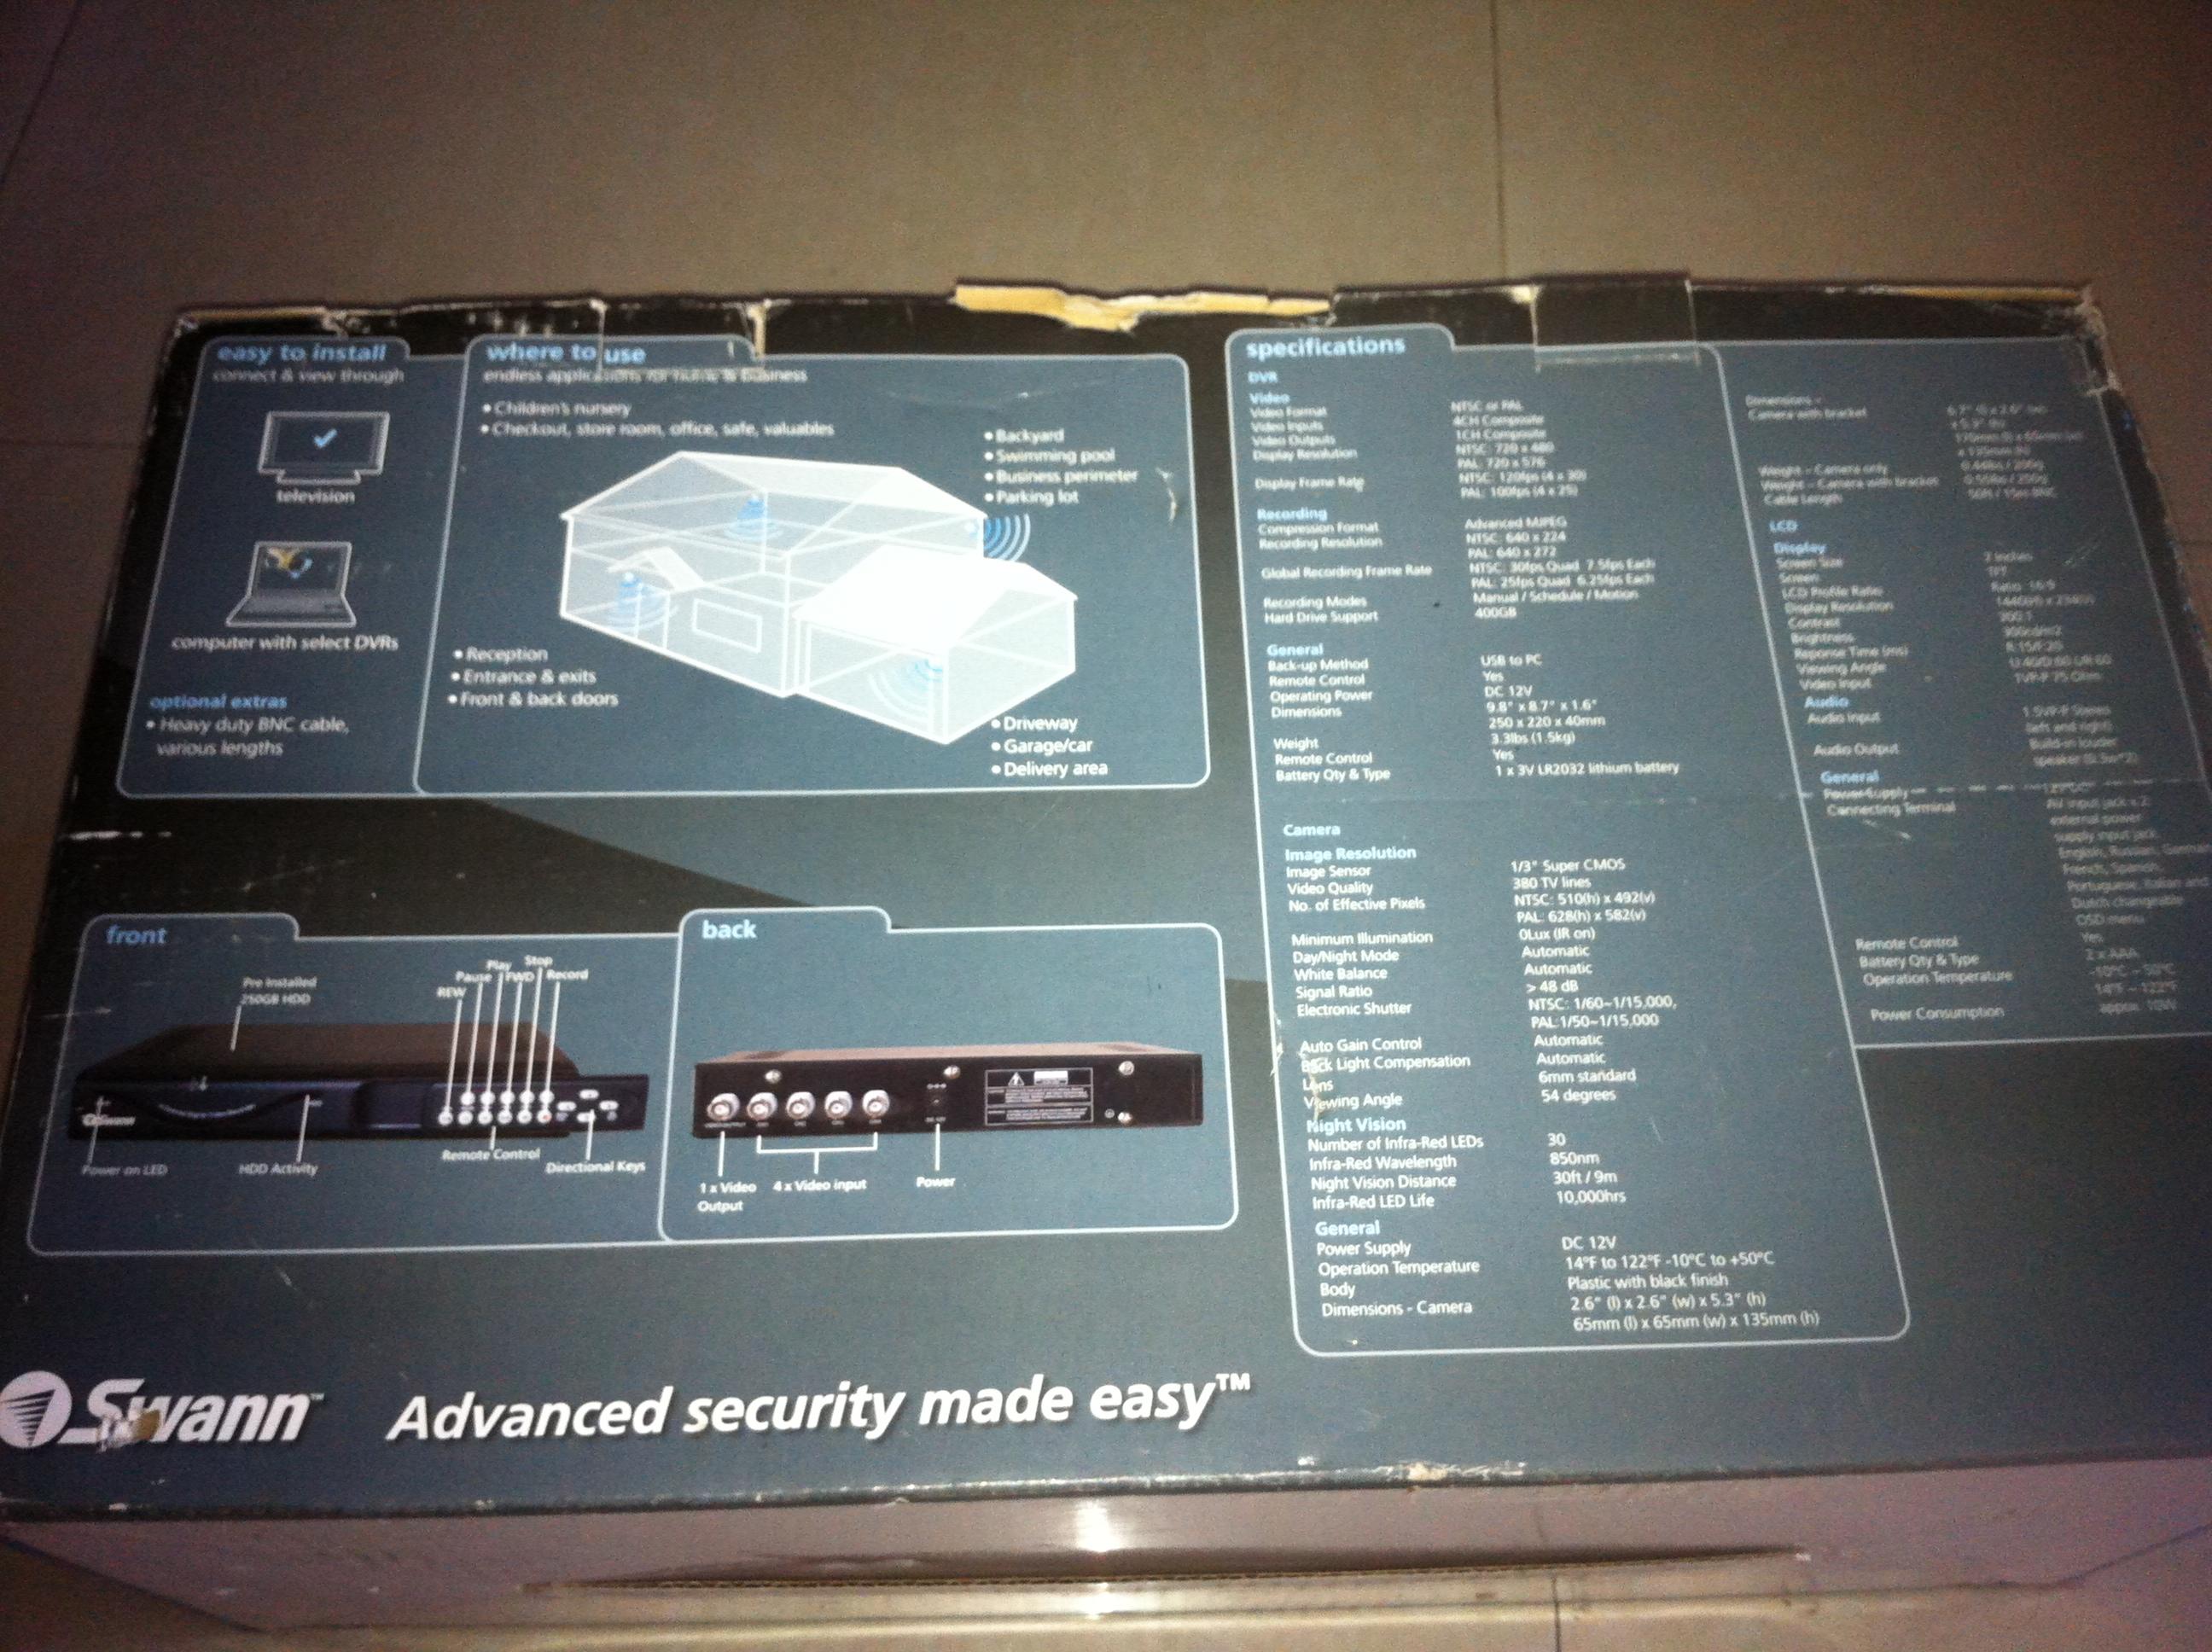 SWANN CCTV COMPLETE SECURITY SYSTEM MODEL DVR4-1060